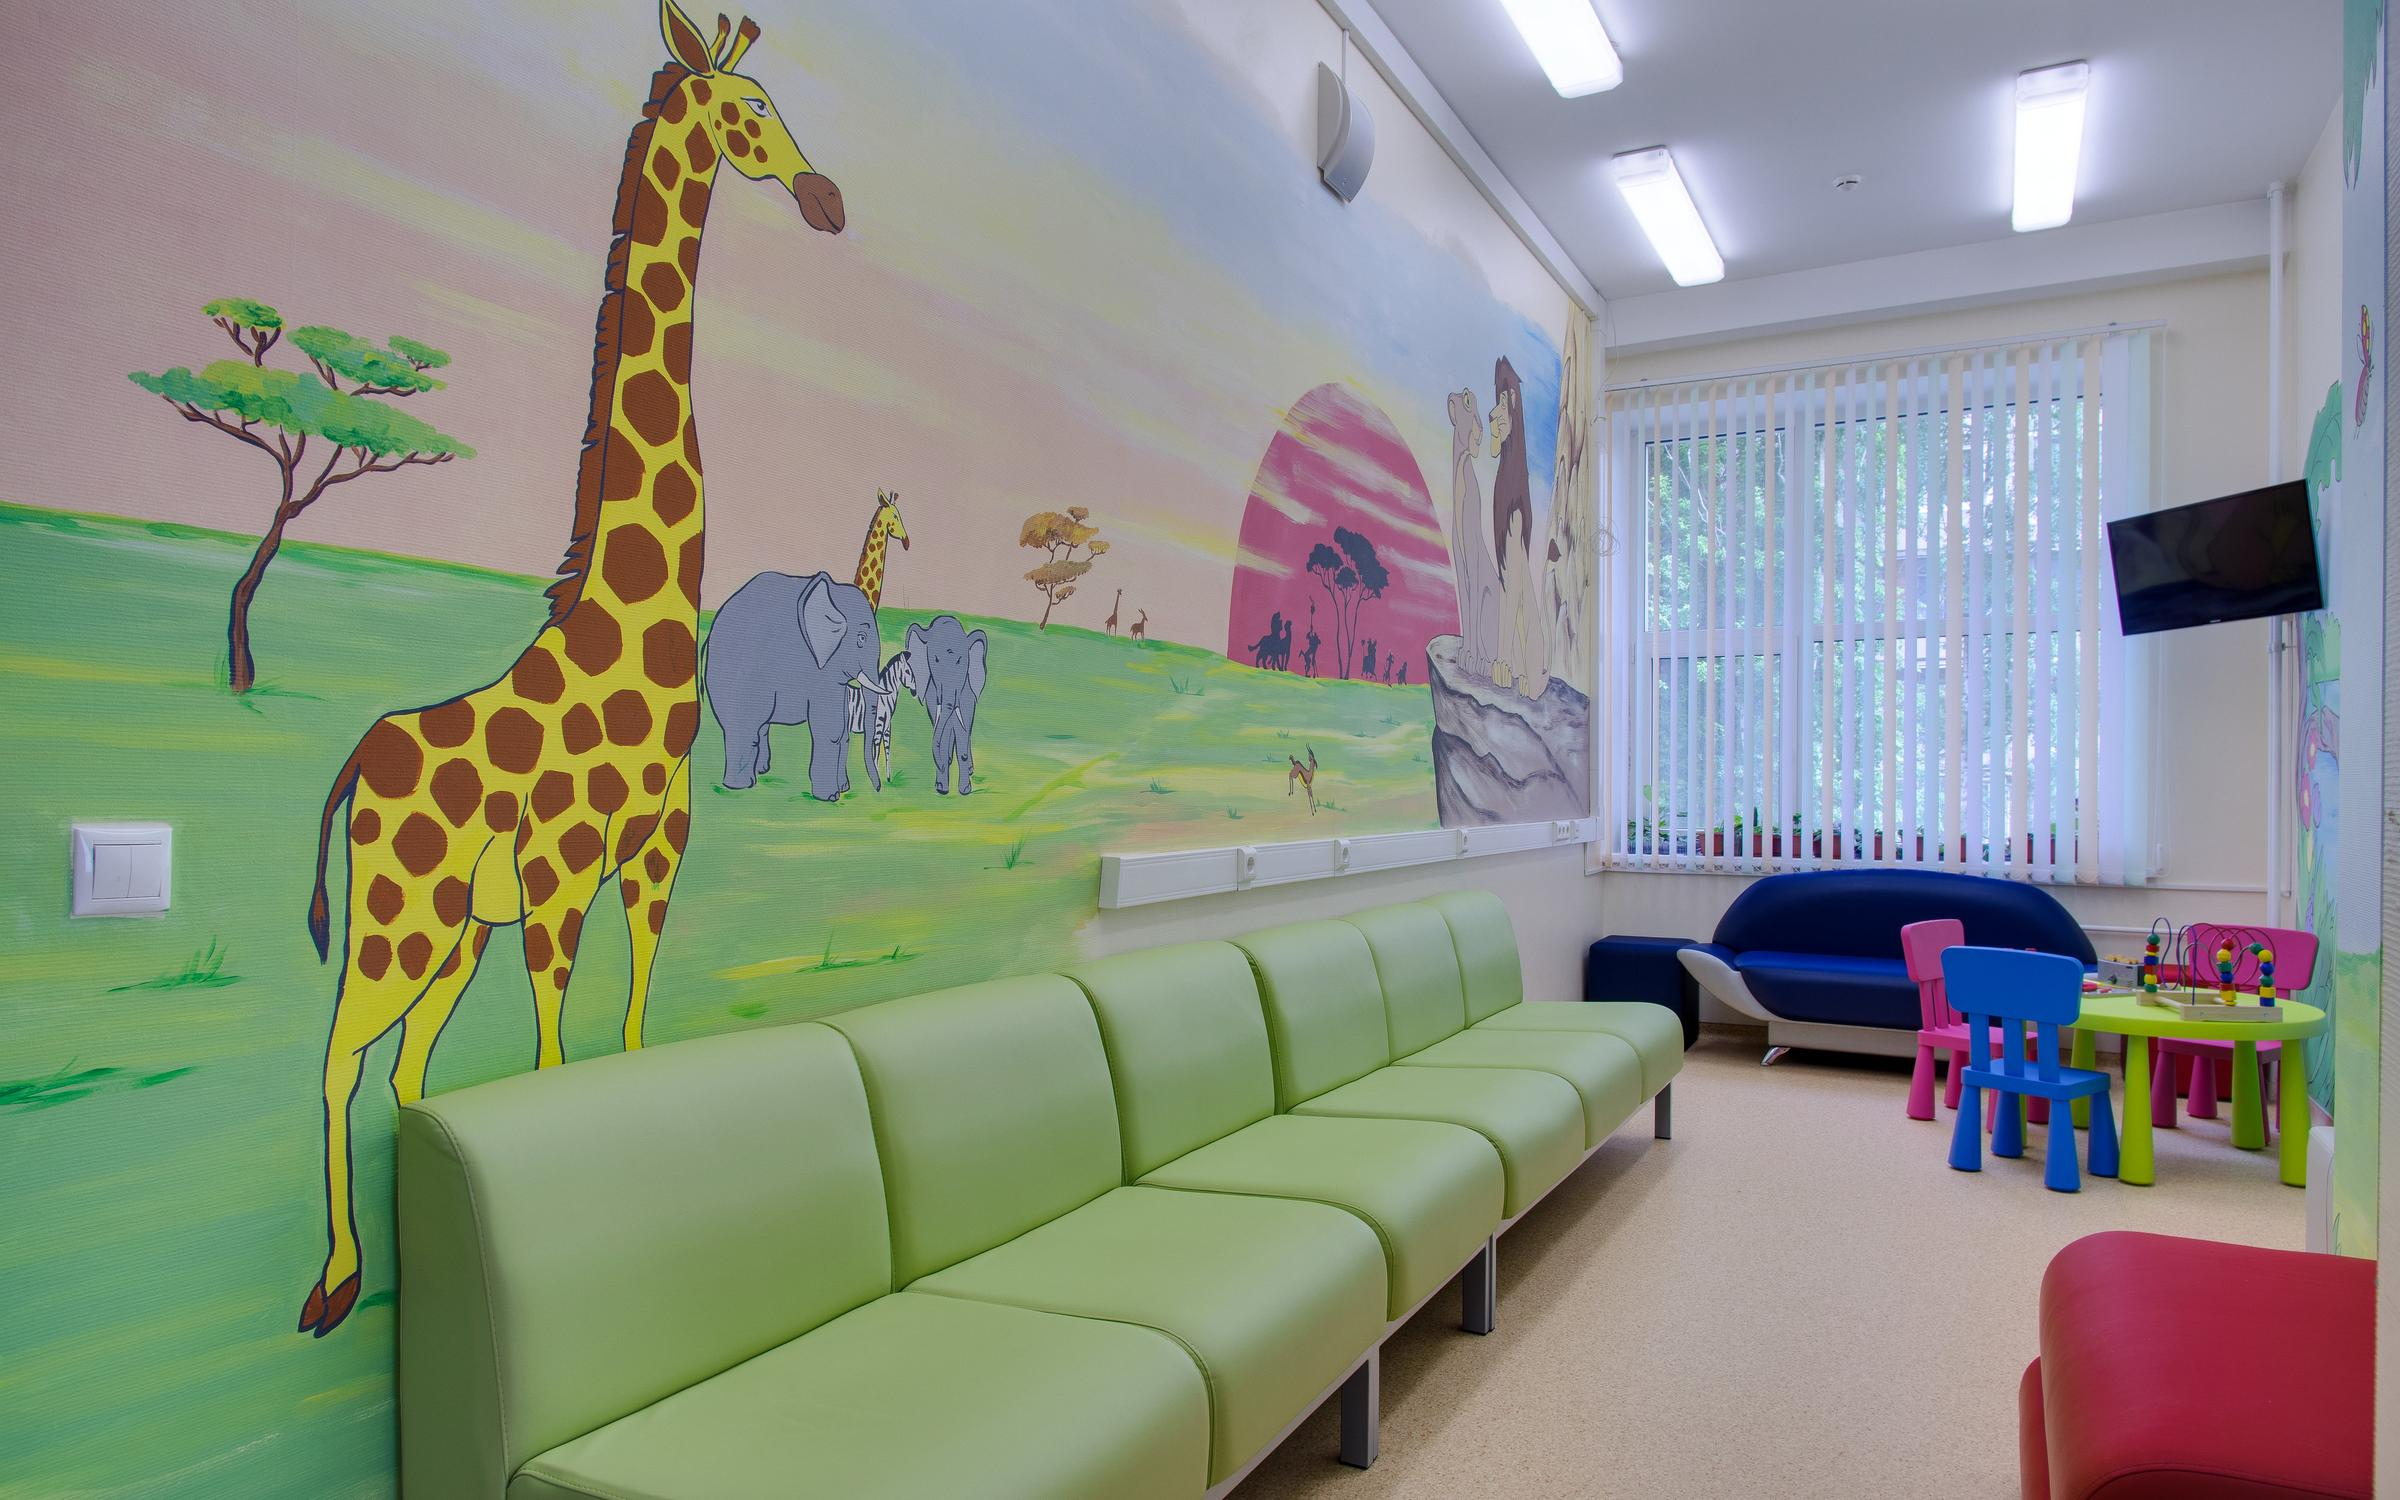 Инн российская детская клиническая больница г москва